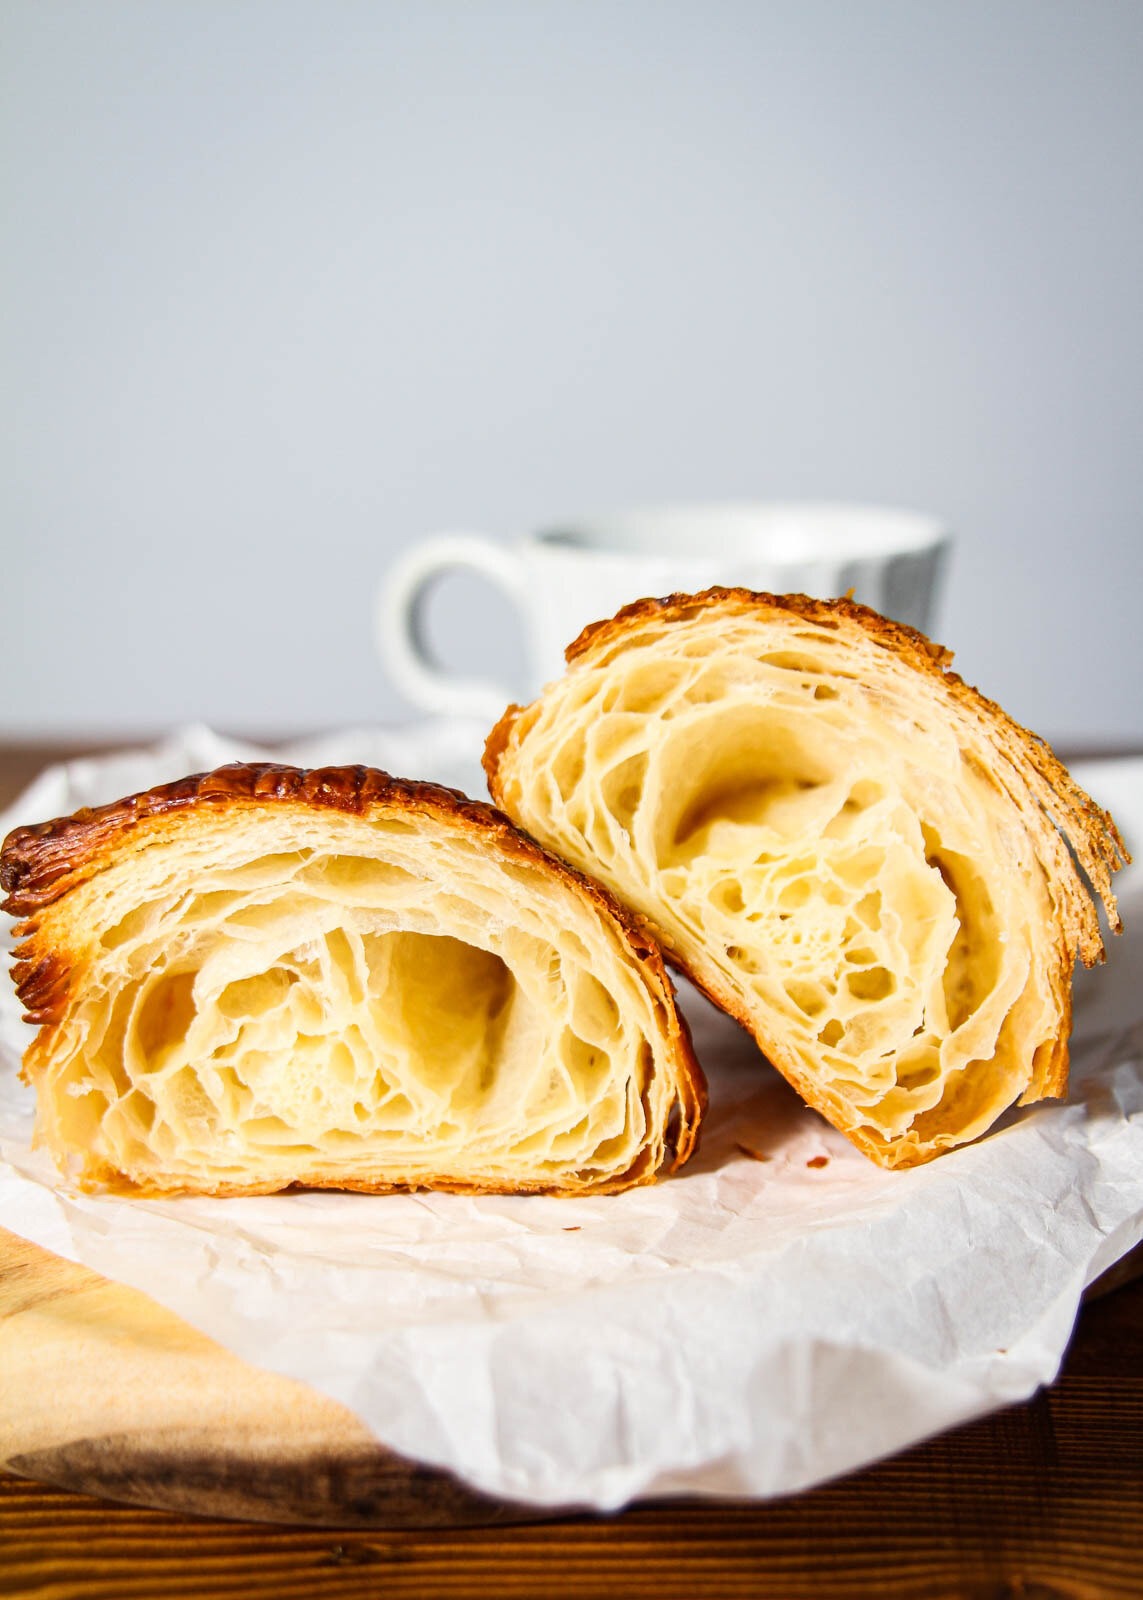 Konditori Plain croissant Portrait